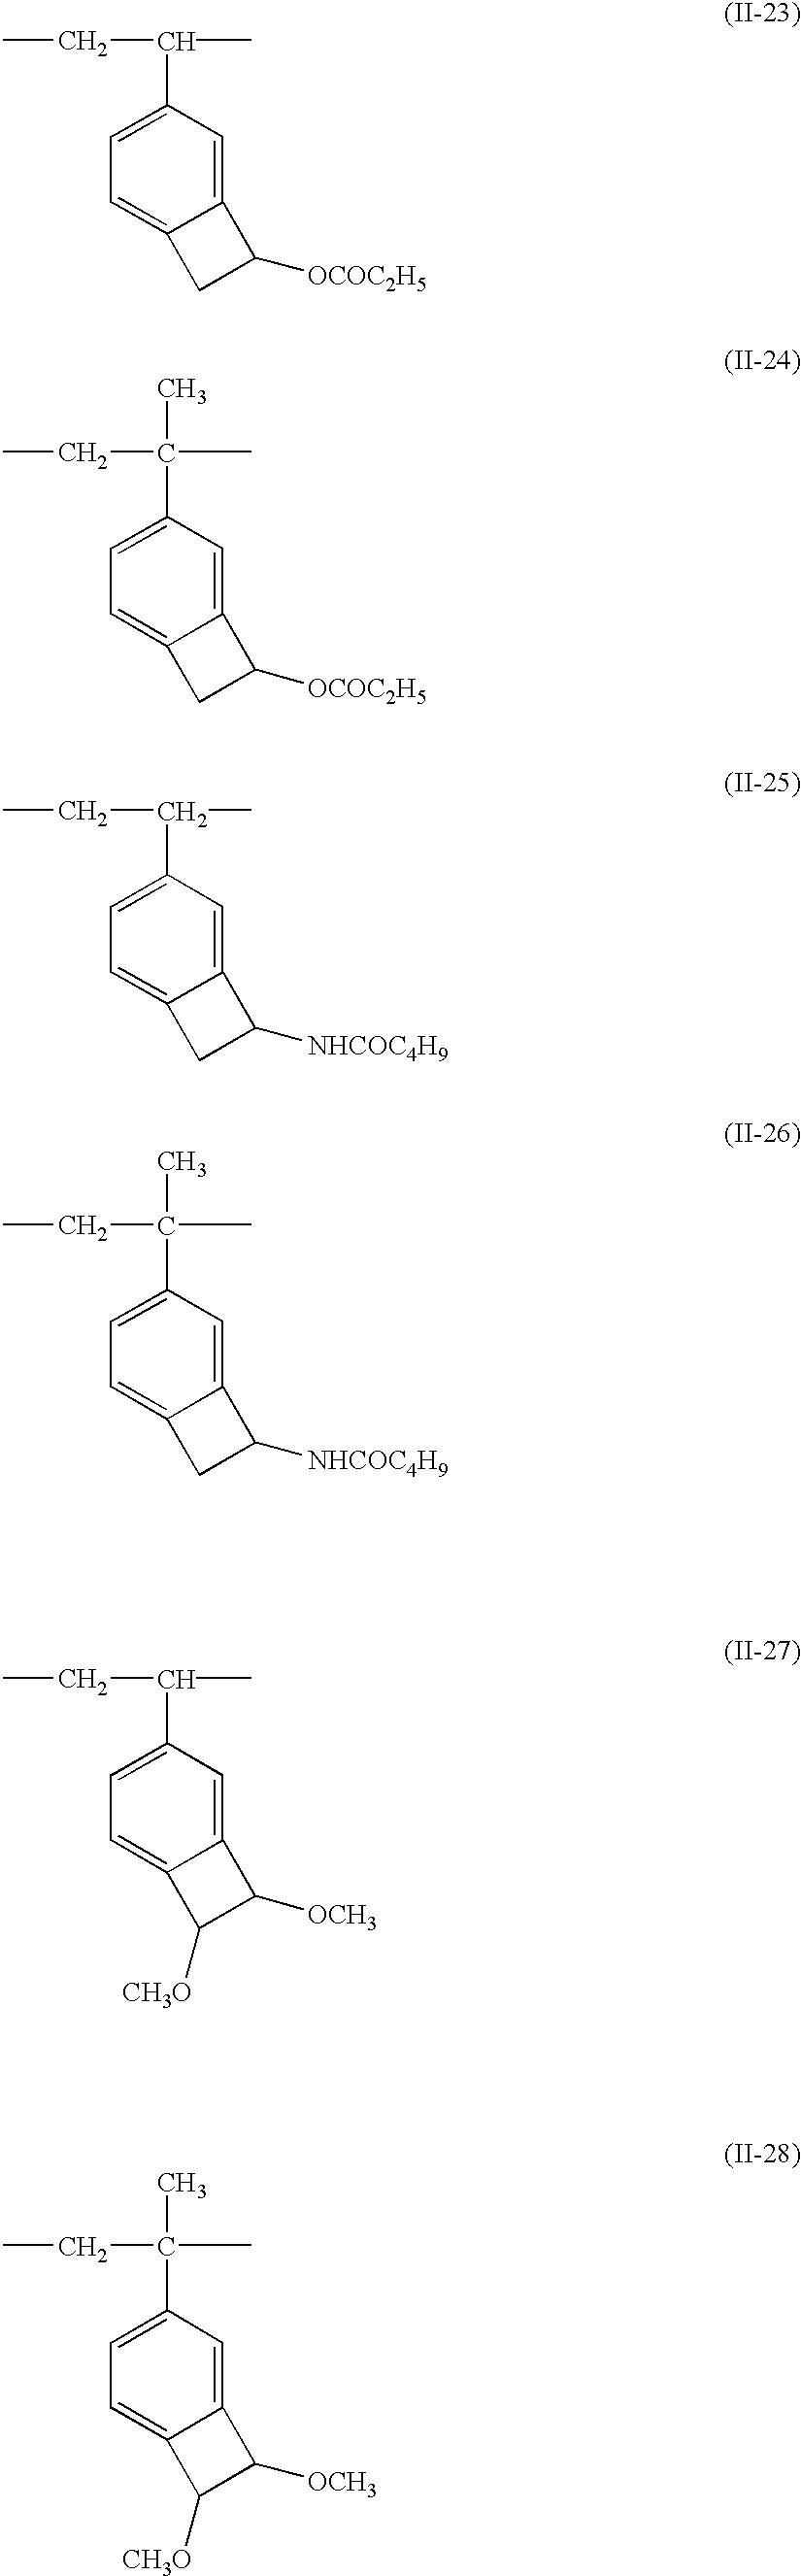 Figure US20030165778A1-20030904-C00027